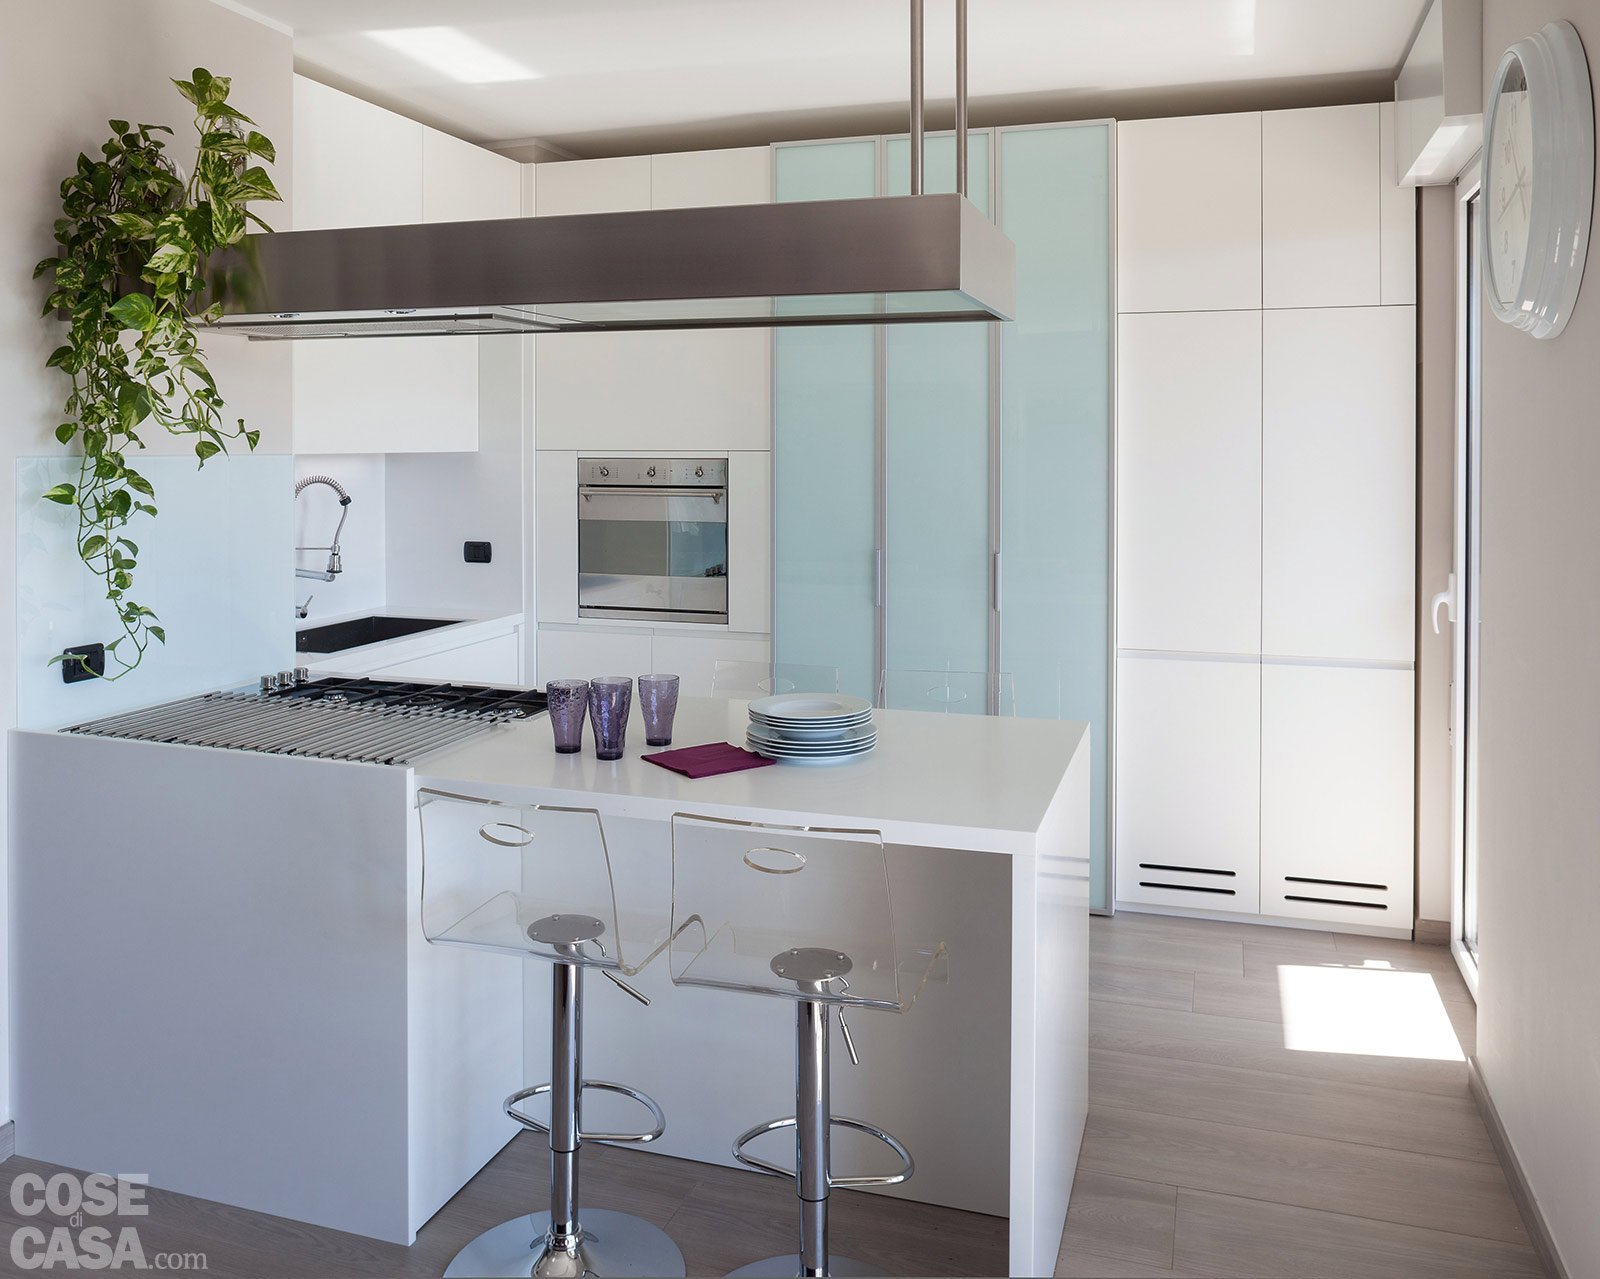 Suddivisioni ottimizzate per la casa di meno di 100 mq - Quanto costa cucina ikea ...